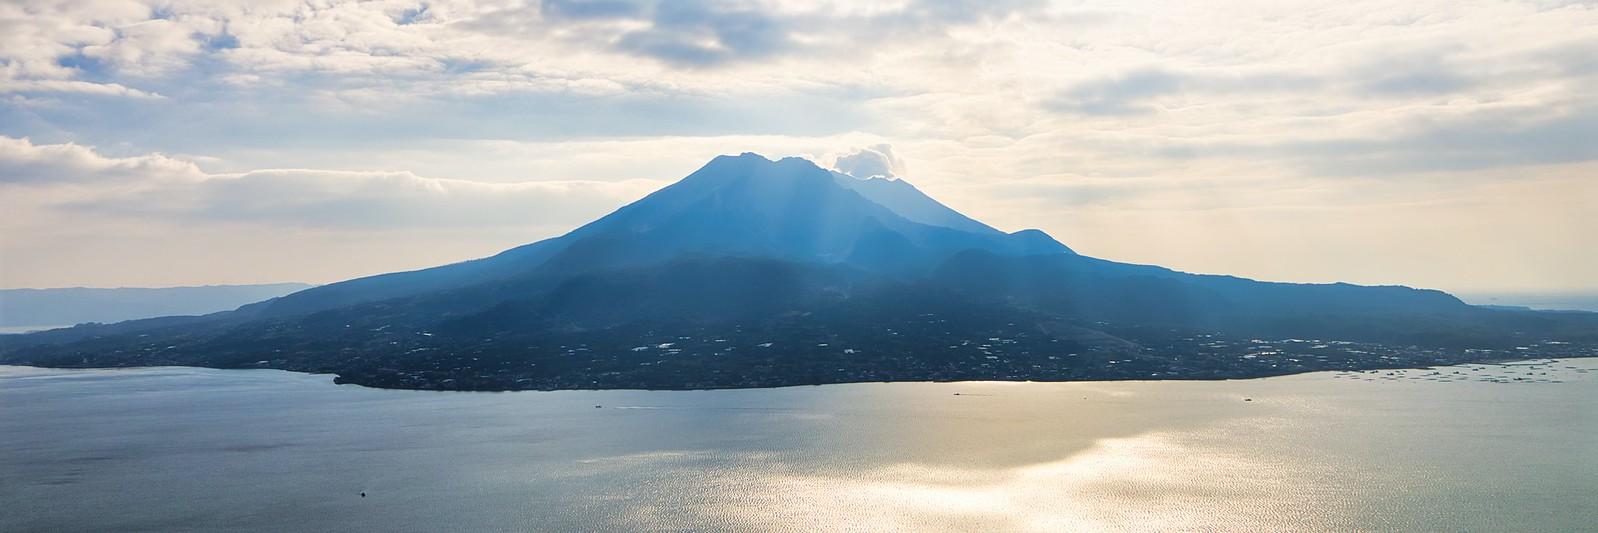 Sakurajima Kyuhsu, Japan